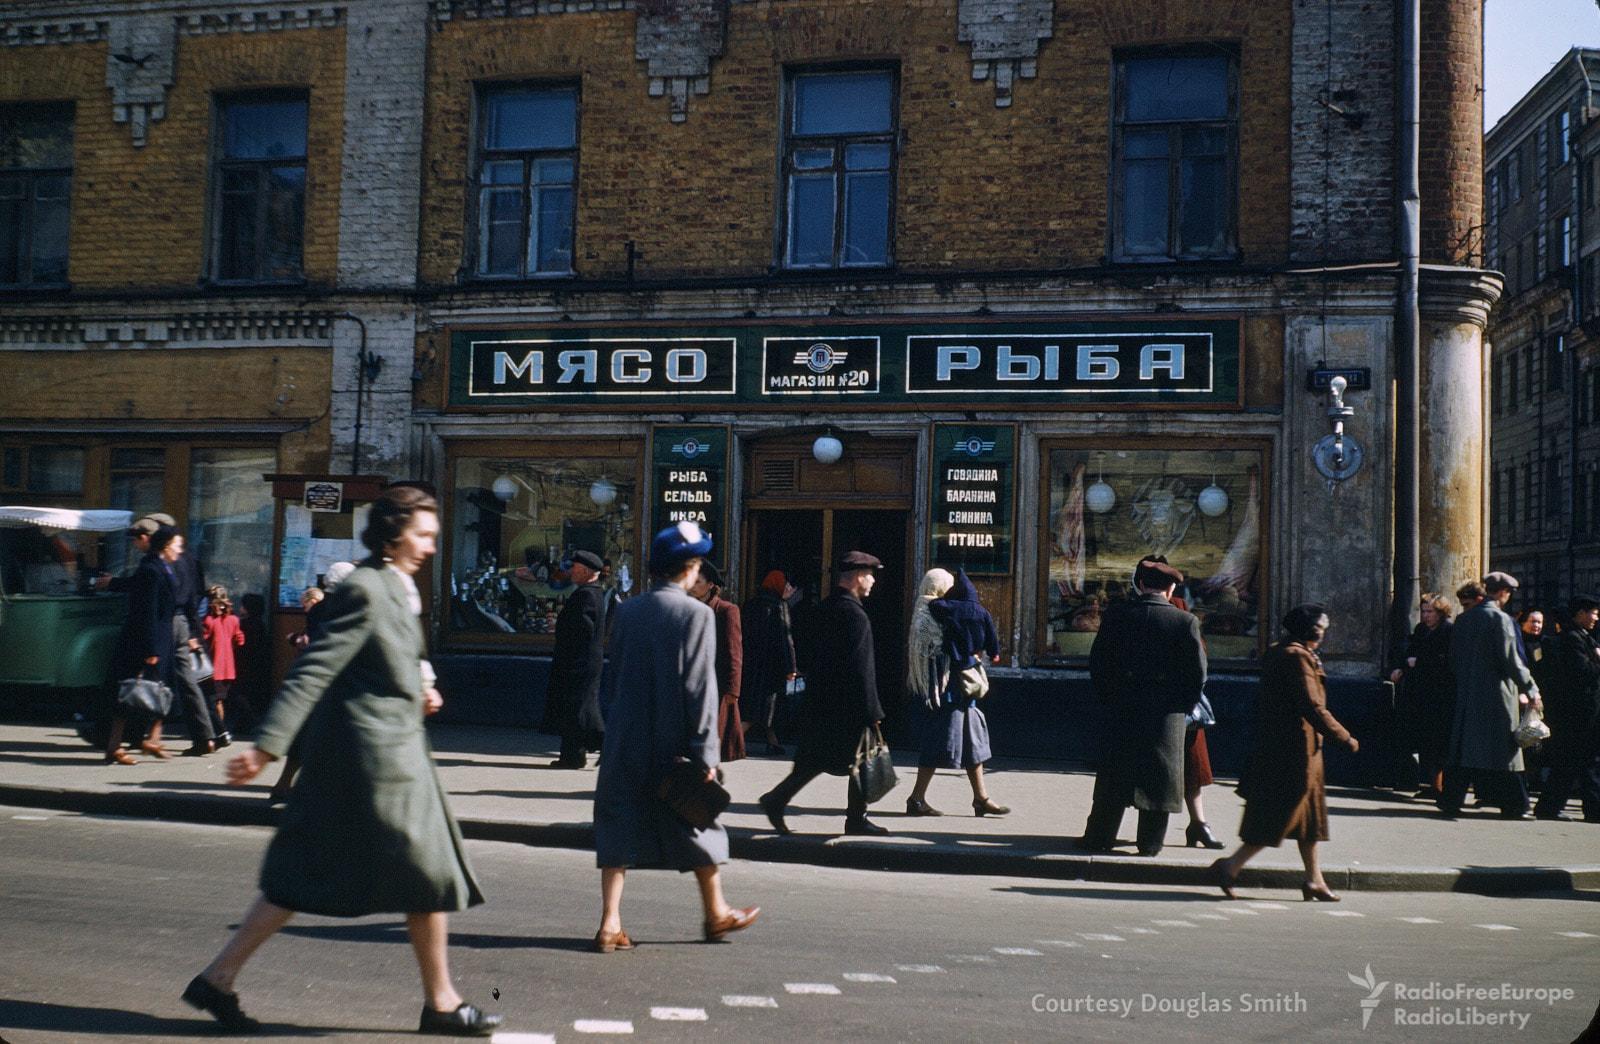 6342430 original Как на самом деле выглядела Москва при Сталине.